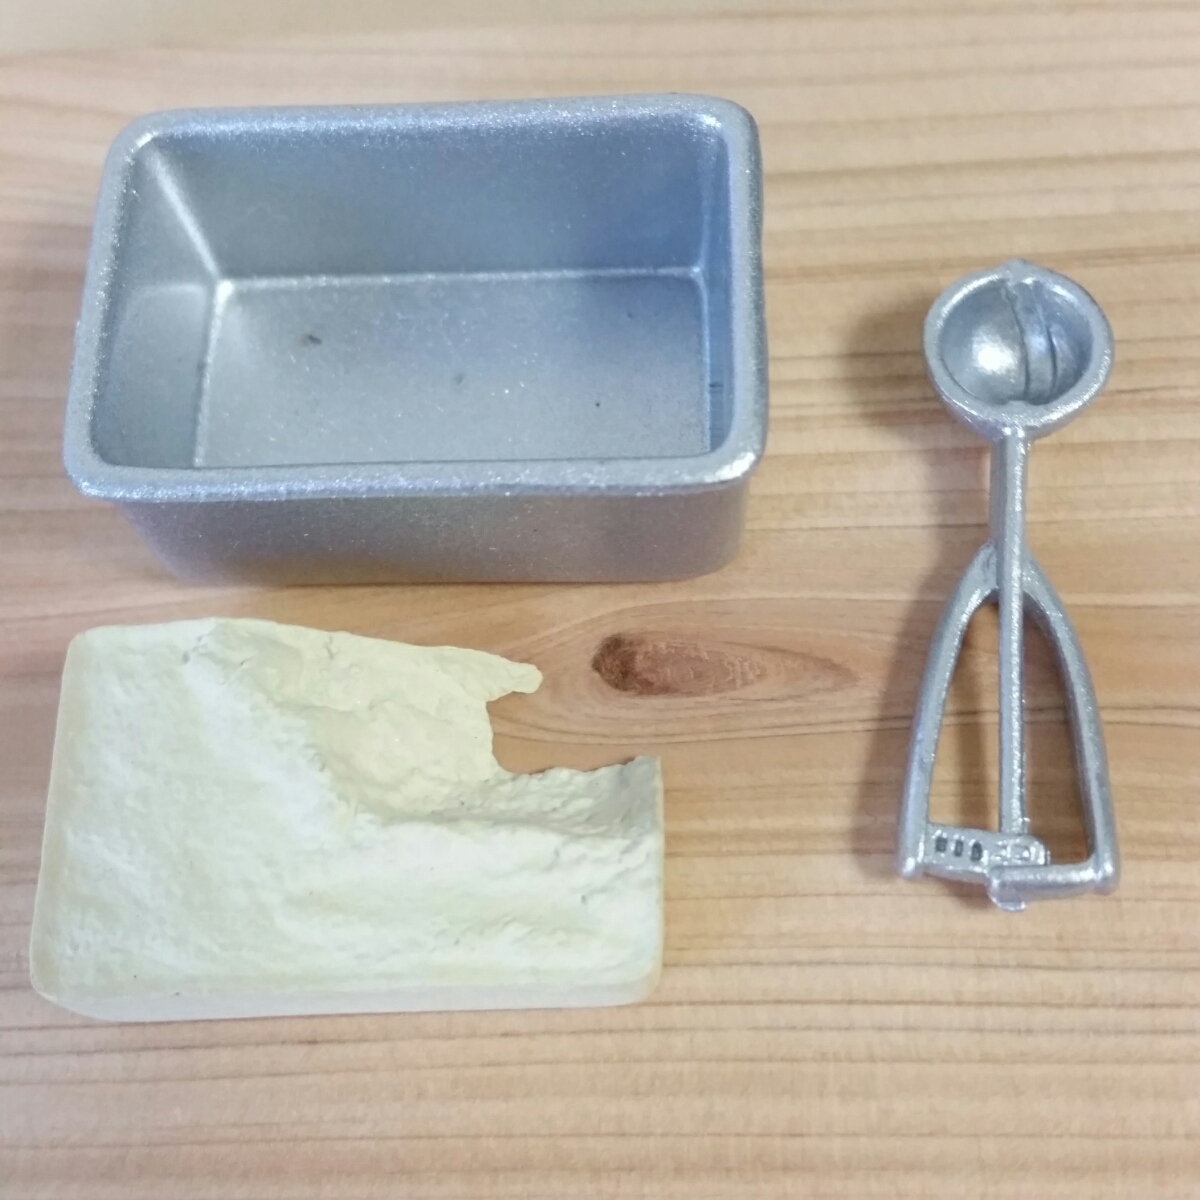 リーメント ぷちキッチン アイスクリーム ワッフル コーン 食玩 ドールハウス ままごとスイーツ ミニチュア_画像3